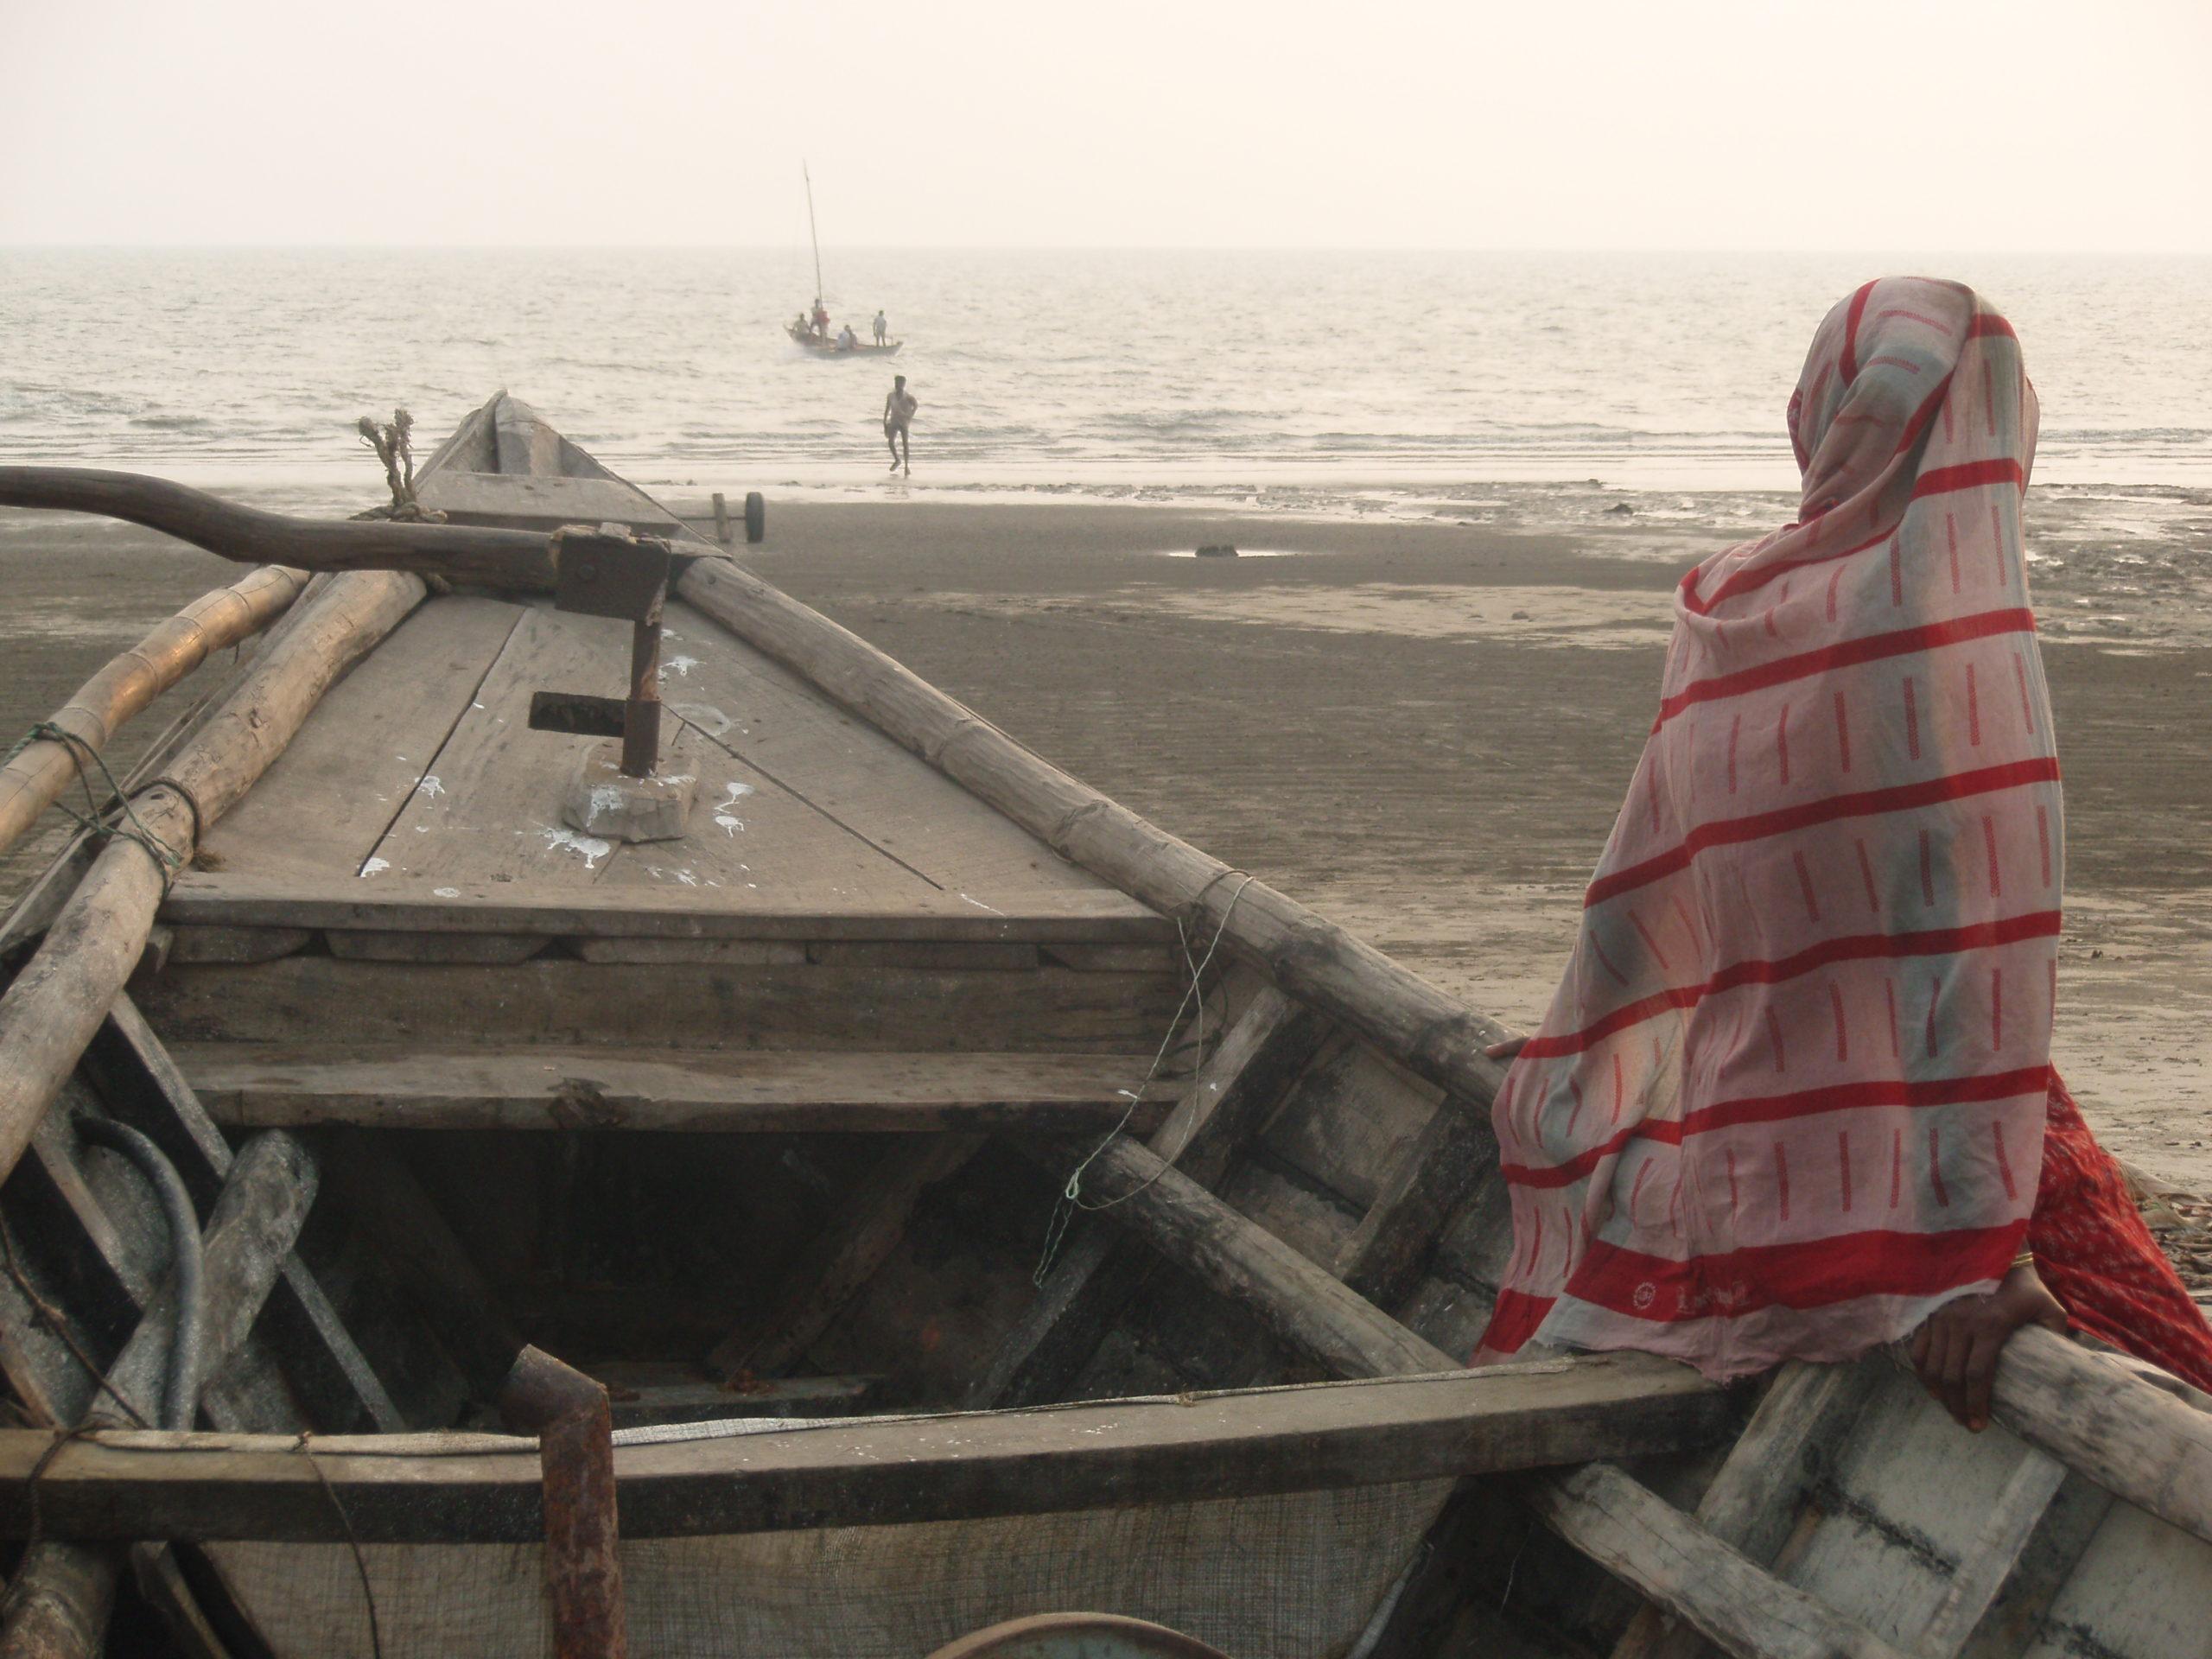 Un regard posé sur l'horizon<br> <br> Une photo prise durant un séjour destiné à rencontrer les pêcheurs de Kuakata afin de mieux comprendre leur quotidien périlleux et ainsi essayer d'améliorer leur sécurité en mer.<br> <br> Un instant de vie sur cette plage du Bangladesh. Le temps s'arrête avec ce regard posé sur l'horizon.<br> <br> Quel sentiment se cache derrière ces yeux ? La crainte de voir partir ou le soulagement de voir revenir, un fils, un mari, un père ou un inconnu. Peut-être simplement l'apaisement d'écouter la musique des vagues les yeux fermés.<br> <br> Céline Lis